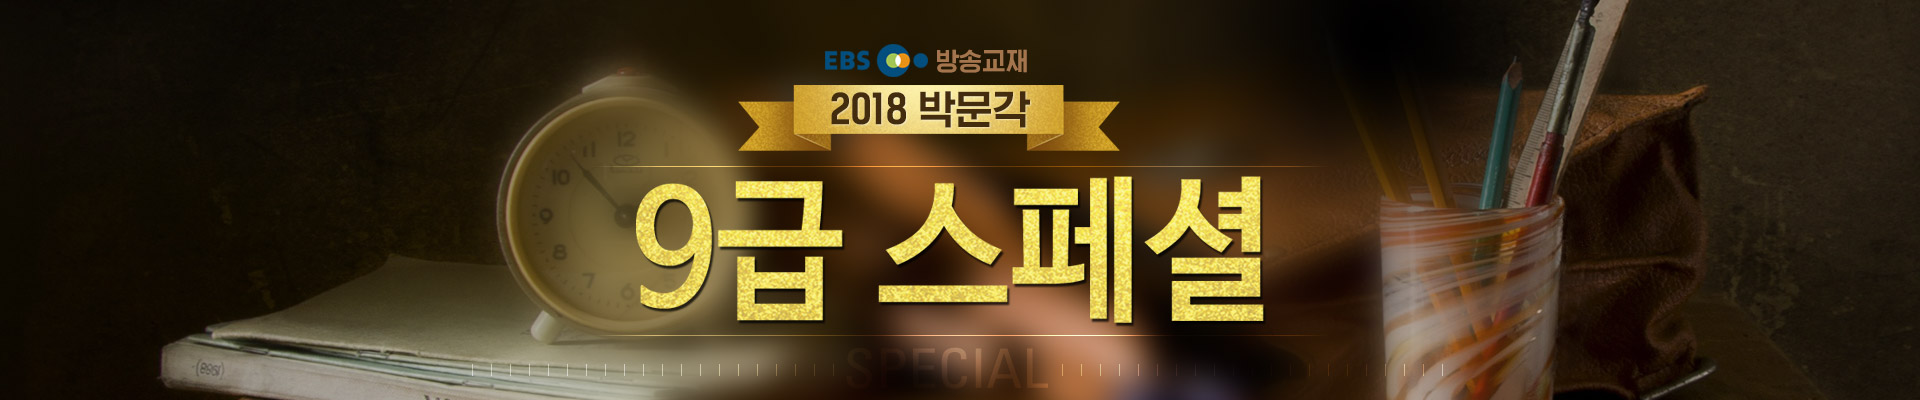 2018 9급 공무원 스페셜